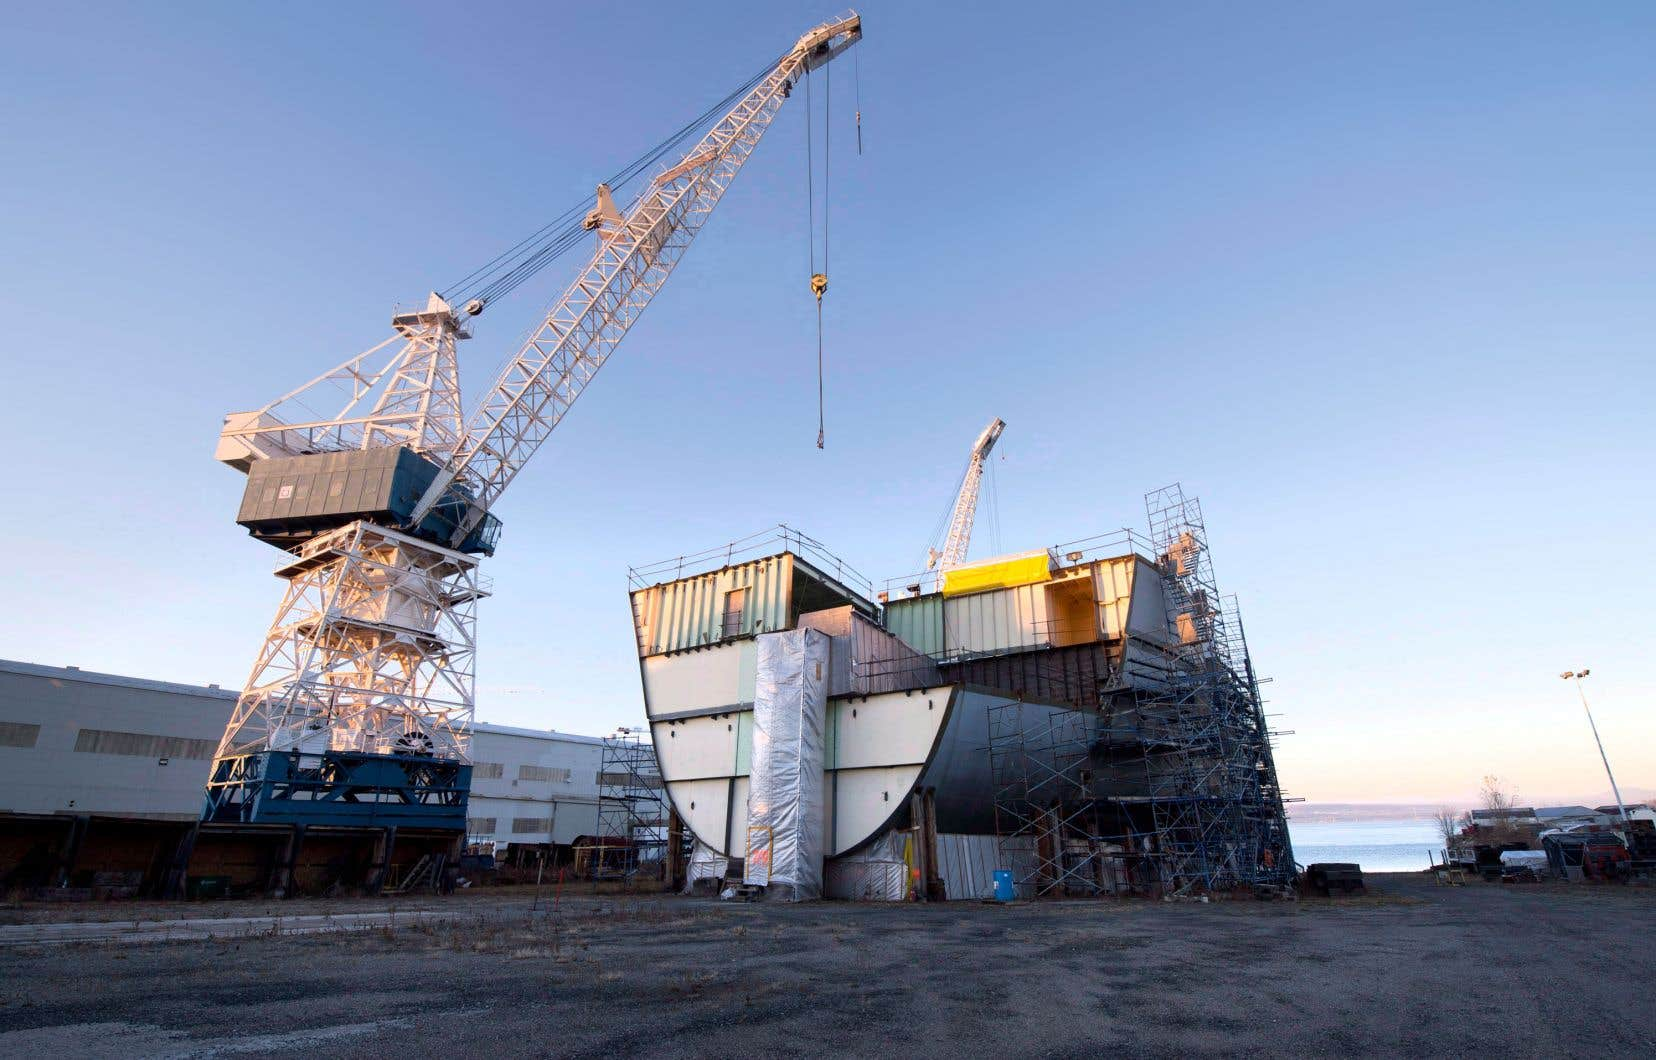 À l'origine, Davie avait proposé à la Garde côtière un quatrième navire de plus grande taille, mais ce volet du projet n'a pas été retenu.